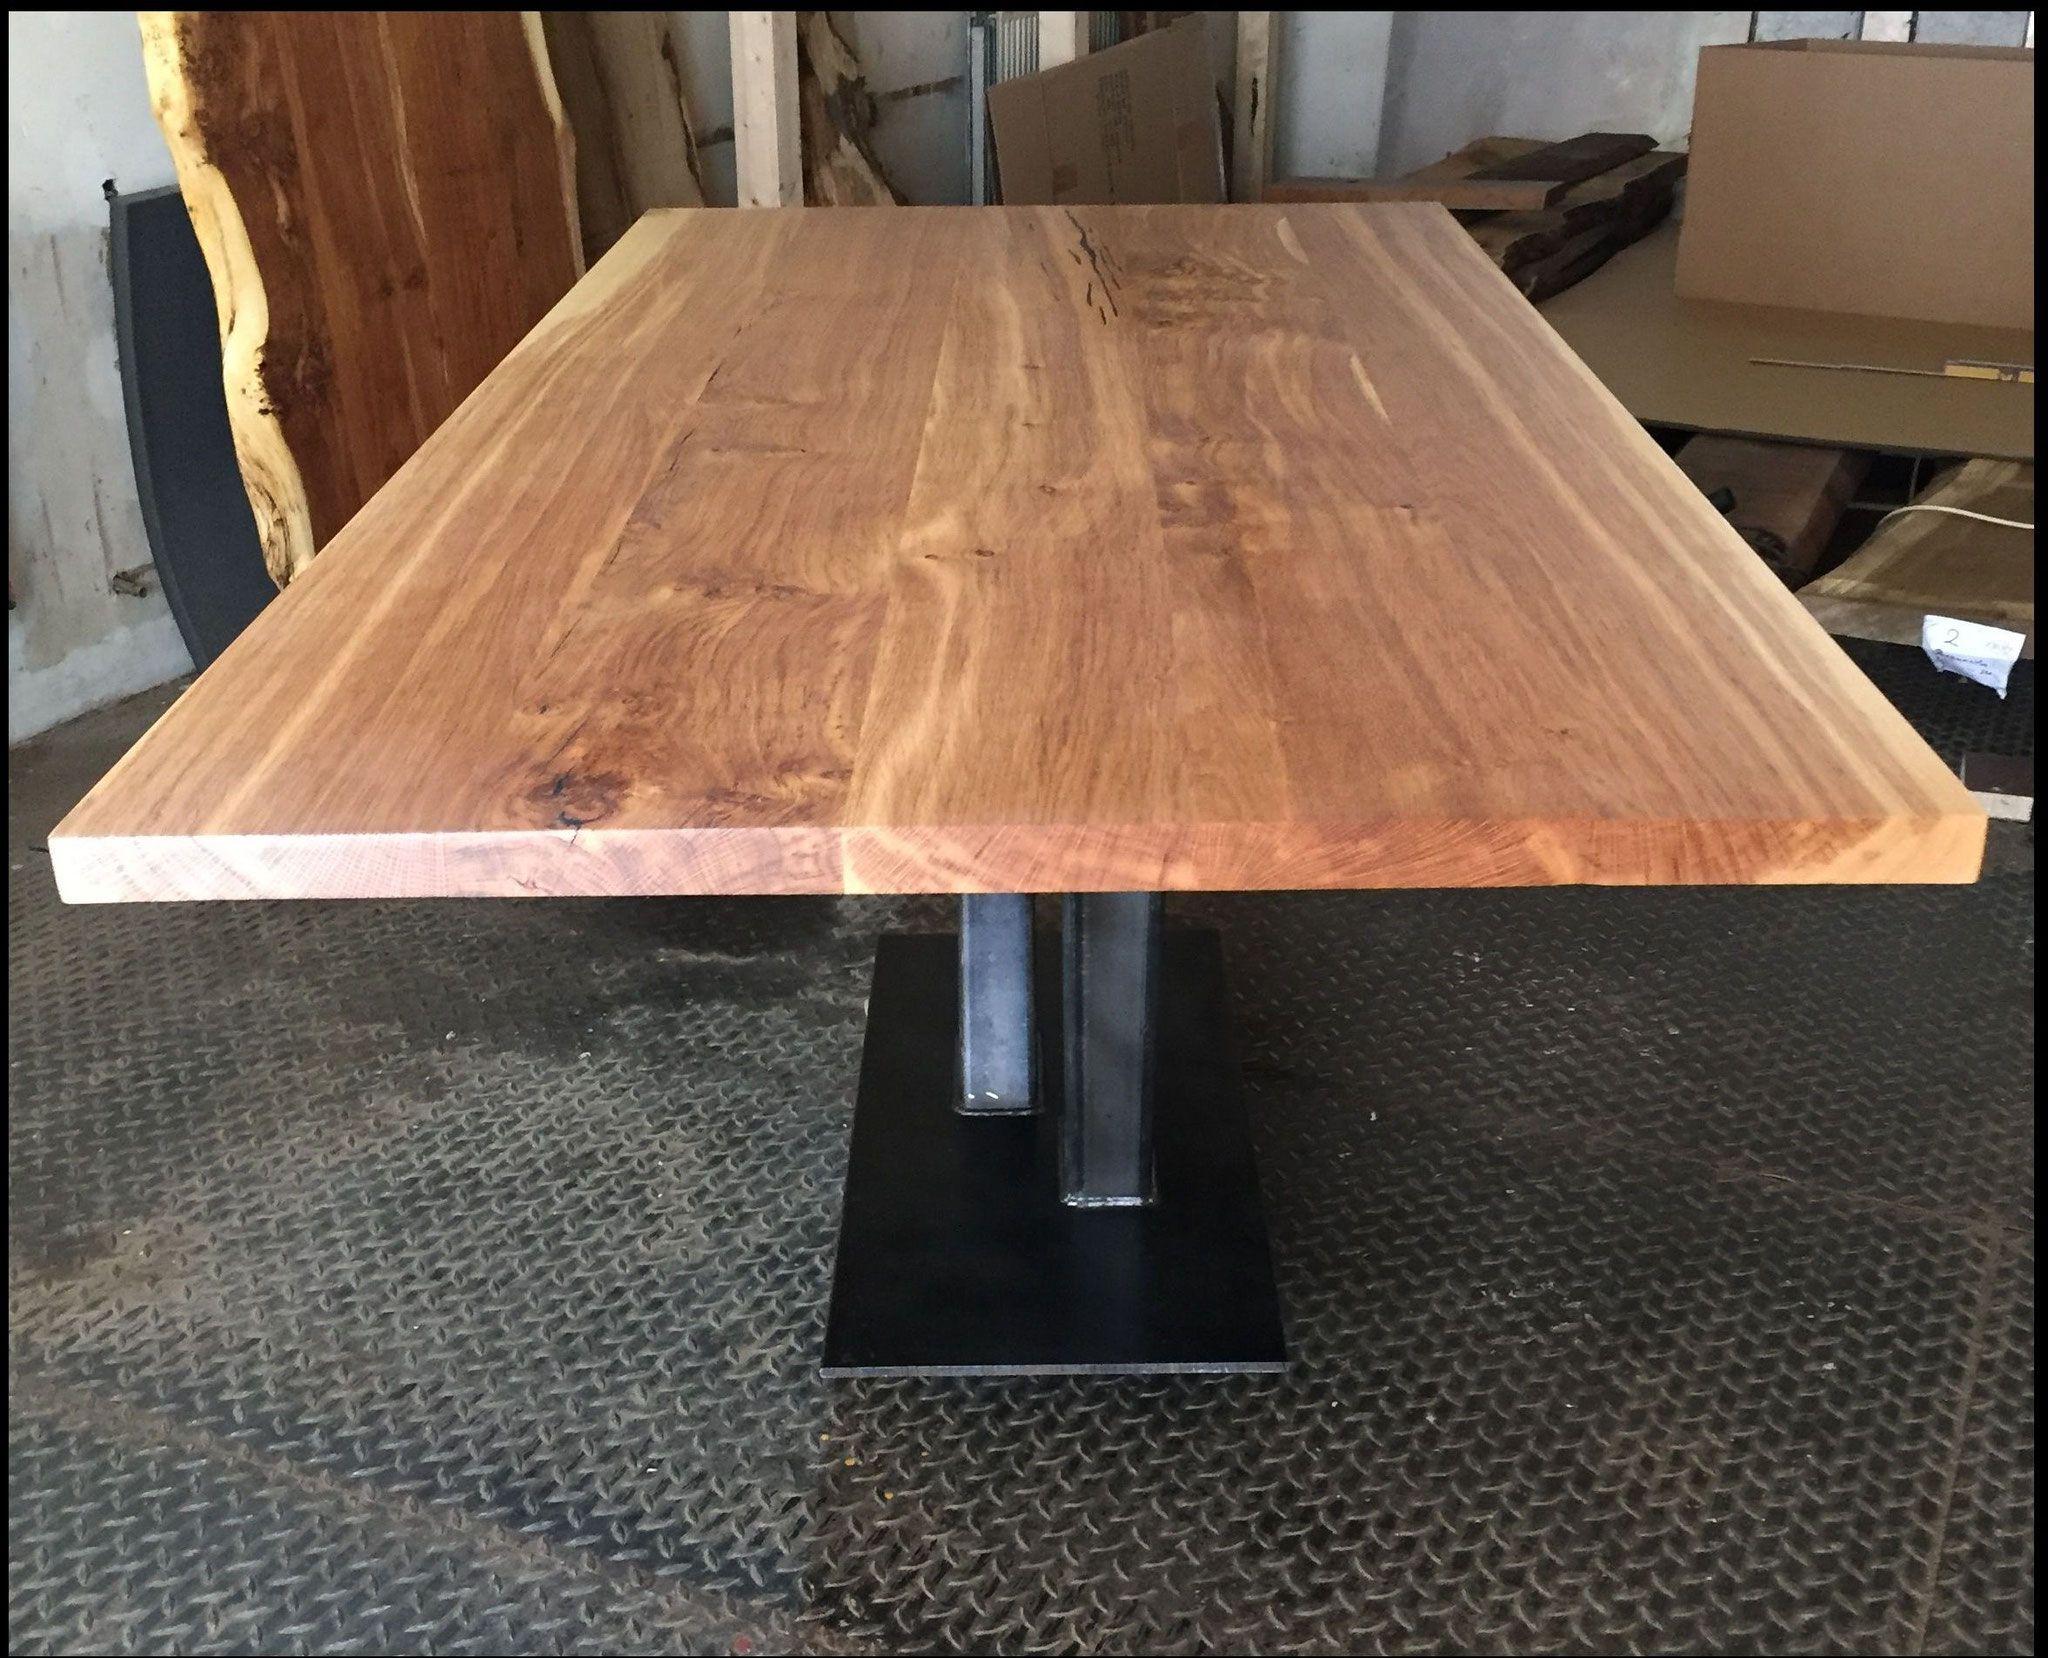 esstisch aus massivholz 2x1 meter und aus nur 5 bohlen aus satten